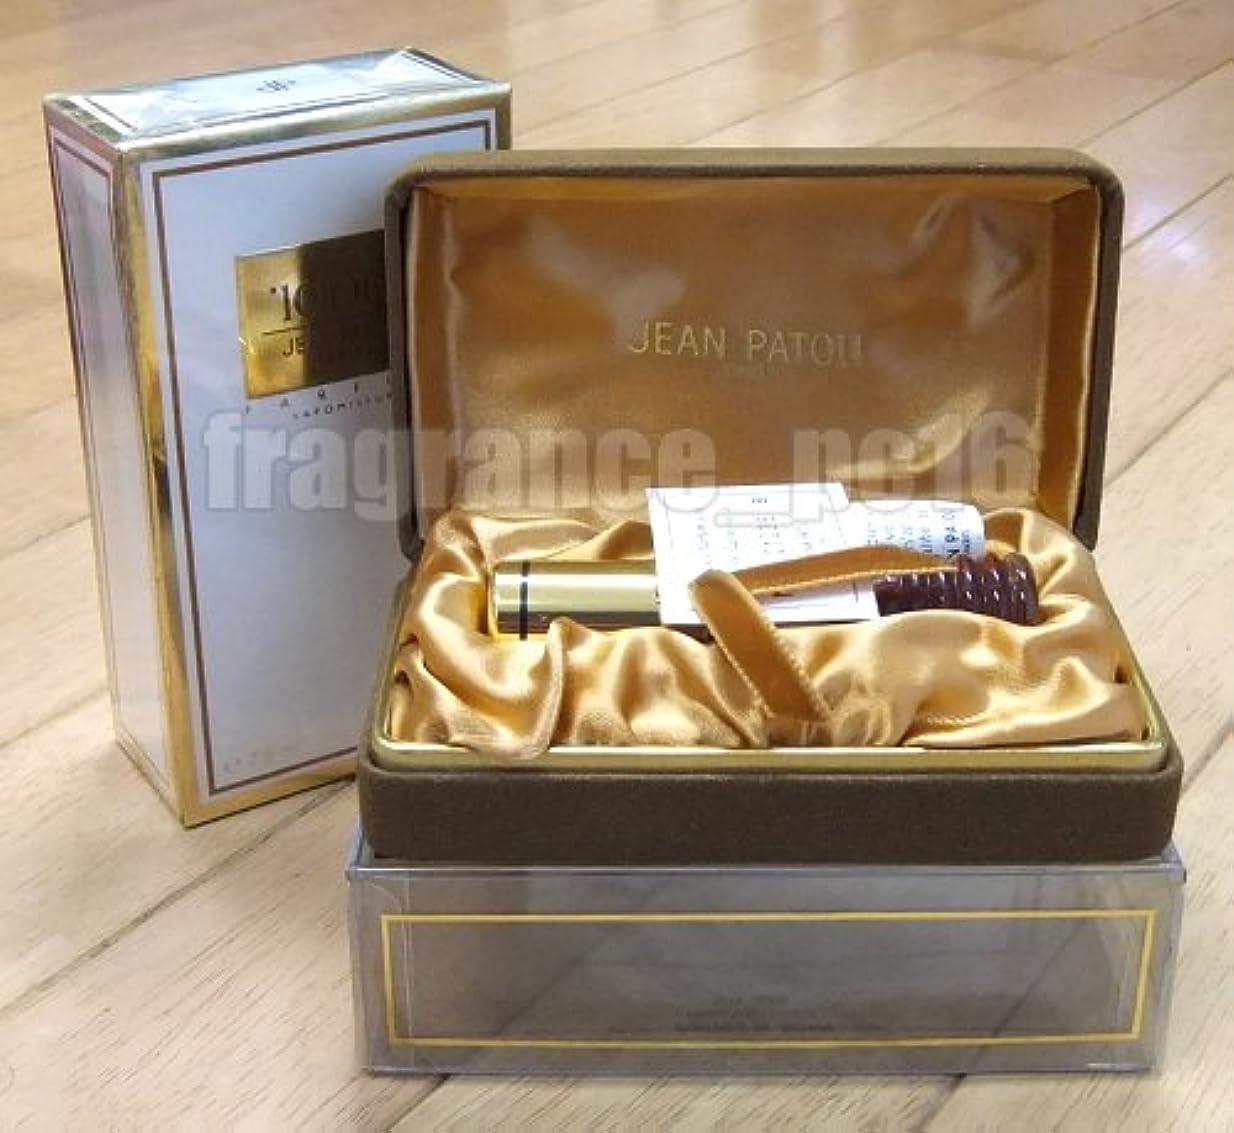 承認バイナリ承認JEAN PATOU ジャンパトゥ ミル 1000 パルファム 7.5ml スプレー (並行輸入) Parfum